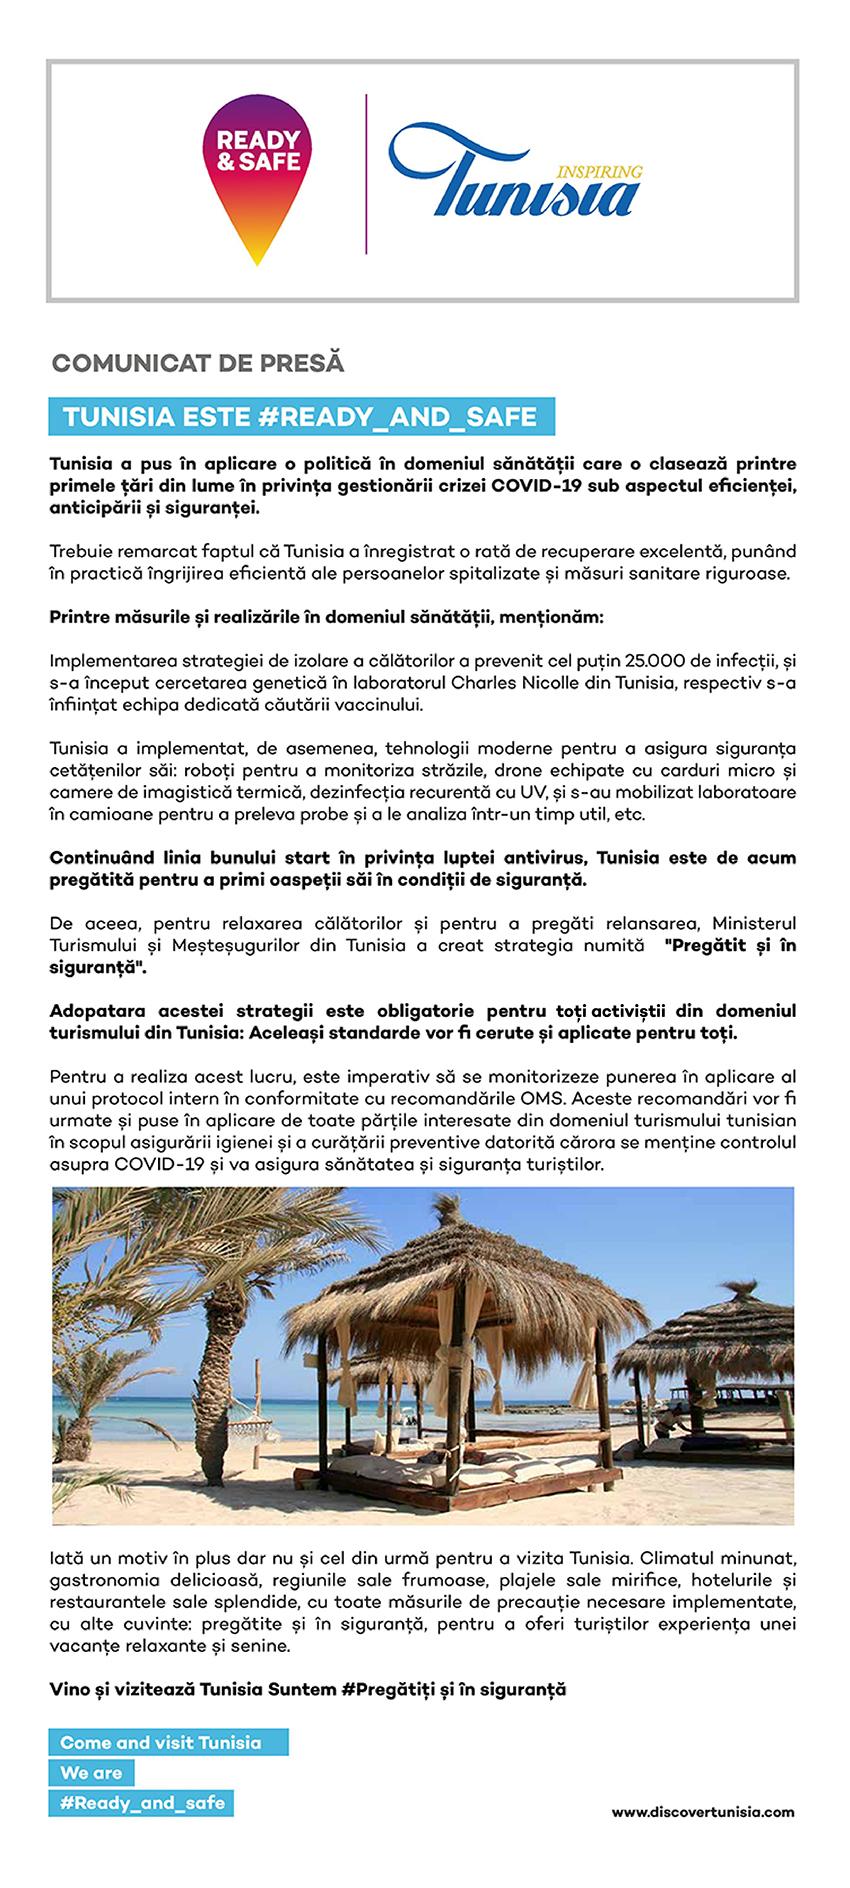 COMUNICAT DE PRESA - 1.jpg